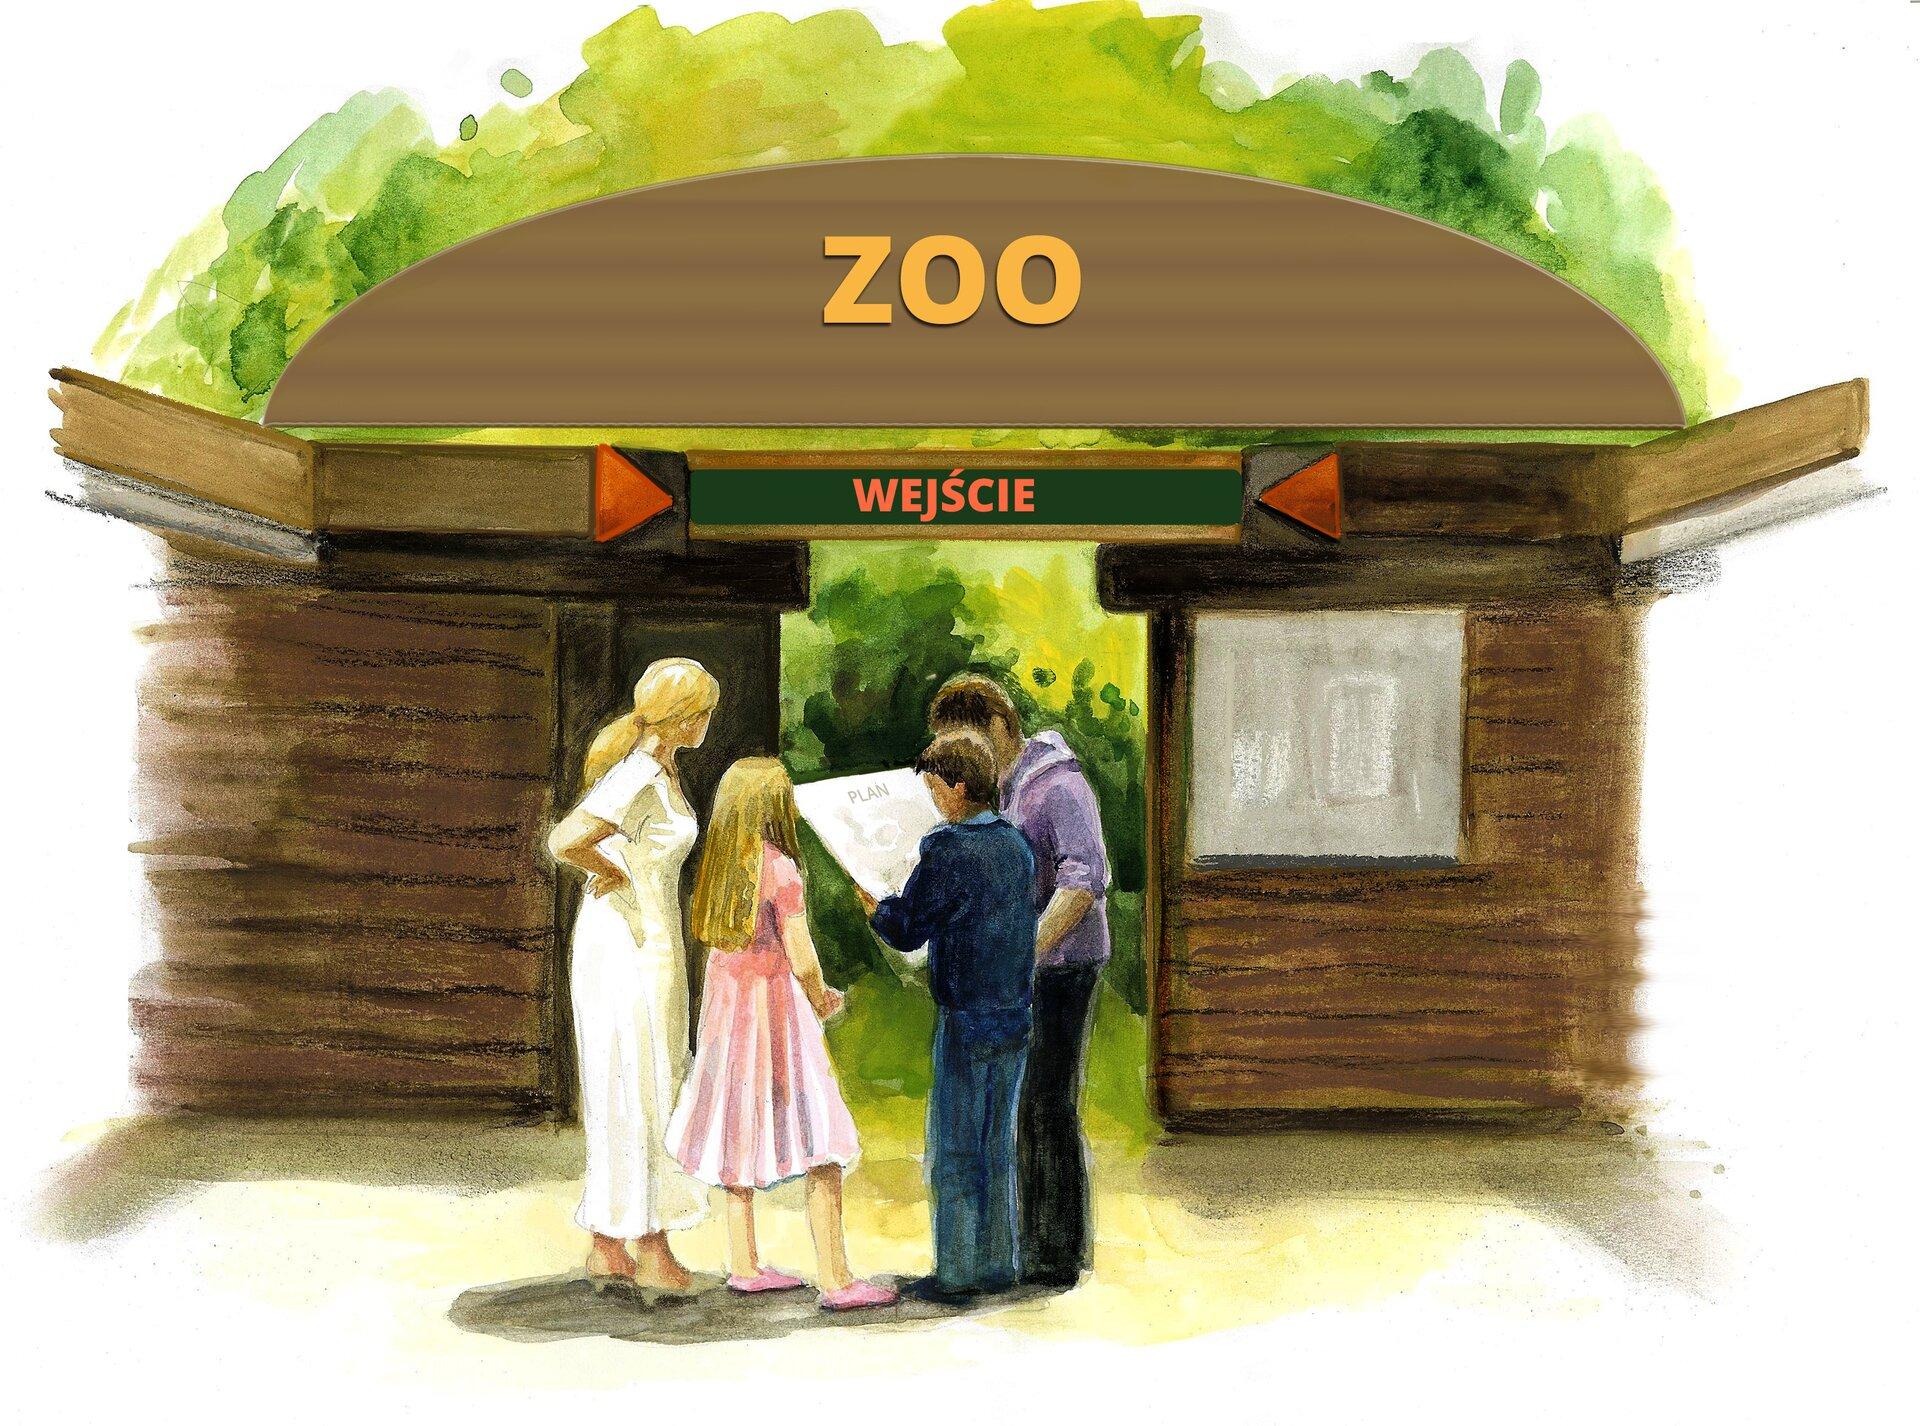 Ilustracja przedstawiajaca rodzinę stojącą przed wejściem do ZOO